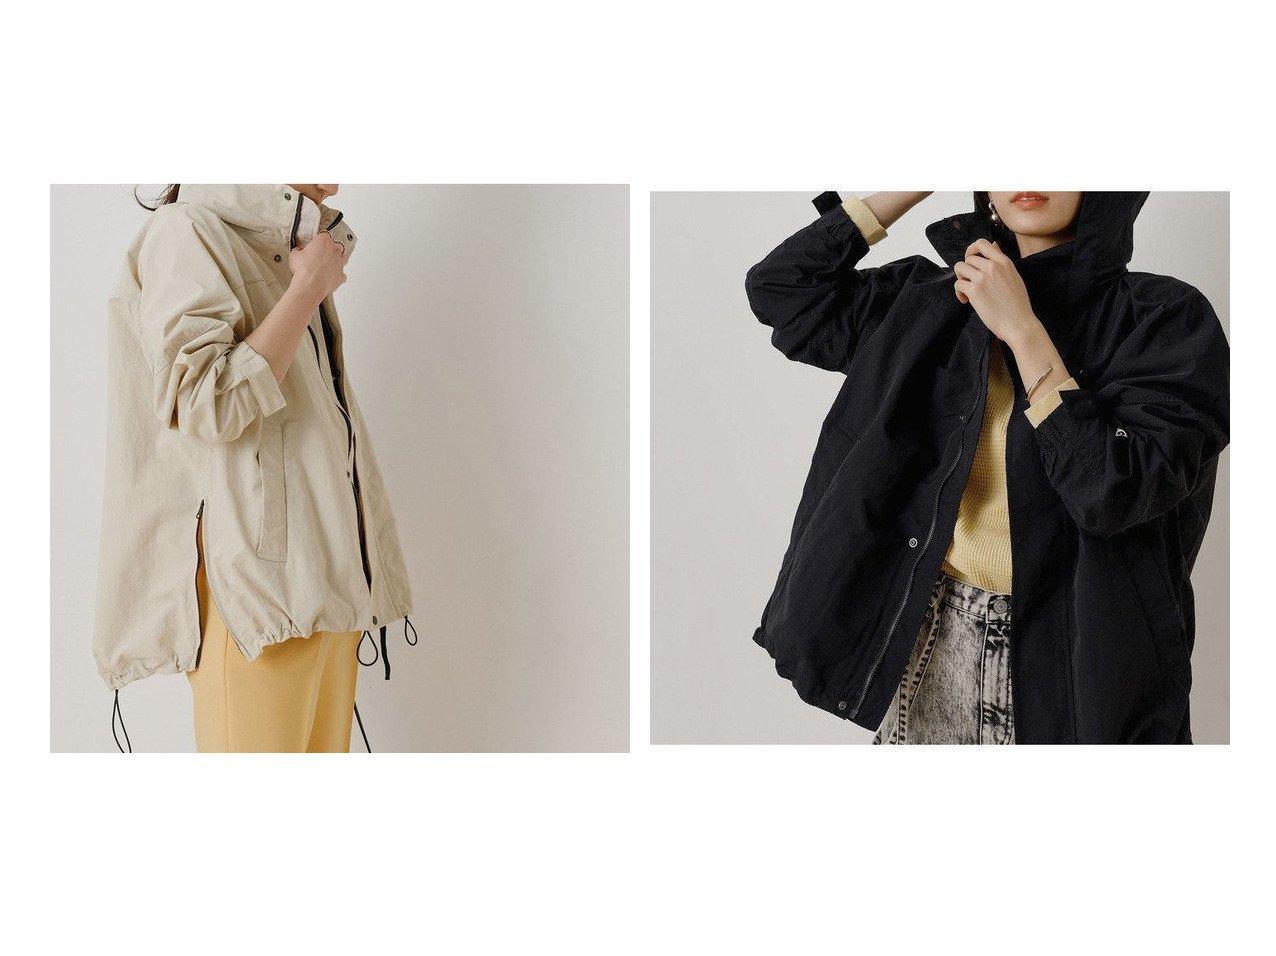 【ADAM ET ROPE'/アダム エ ロペ】の【一部WEB限定】【GERRY】2WAYフードブルゾン 【アウター】おすすめ!人気、トレンド・レディースファッションの通販  おすすめで人気の流行・トレンド、ファッションの通販商品 メンズファッション・キッズファッション・インテリア・家具・レディースファッション・服の通販 founy(ファニー) https://founy.com/ ファッション Fashion レディースファッション WOMEN アウター Coat Outerwear ブルゾン Blouson Jackets アウトドア アメリカン 春 Spring 今季 ジップ スタンド スニーカー スリット トレンド 定番 Standard ニューヨーク パーカー ブルゾン ポケット 別注 モノトーン ワッシャー 2021年 2021 S/S 春夏 SS Spring/Summer 2021 春夏 S/S SS Spring/Summer 2021 |ID:crp329100000025526